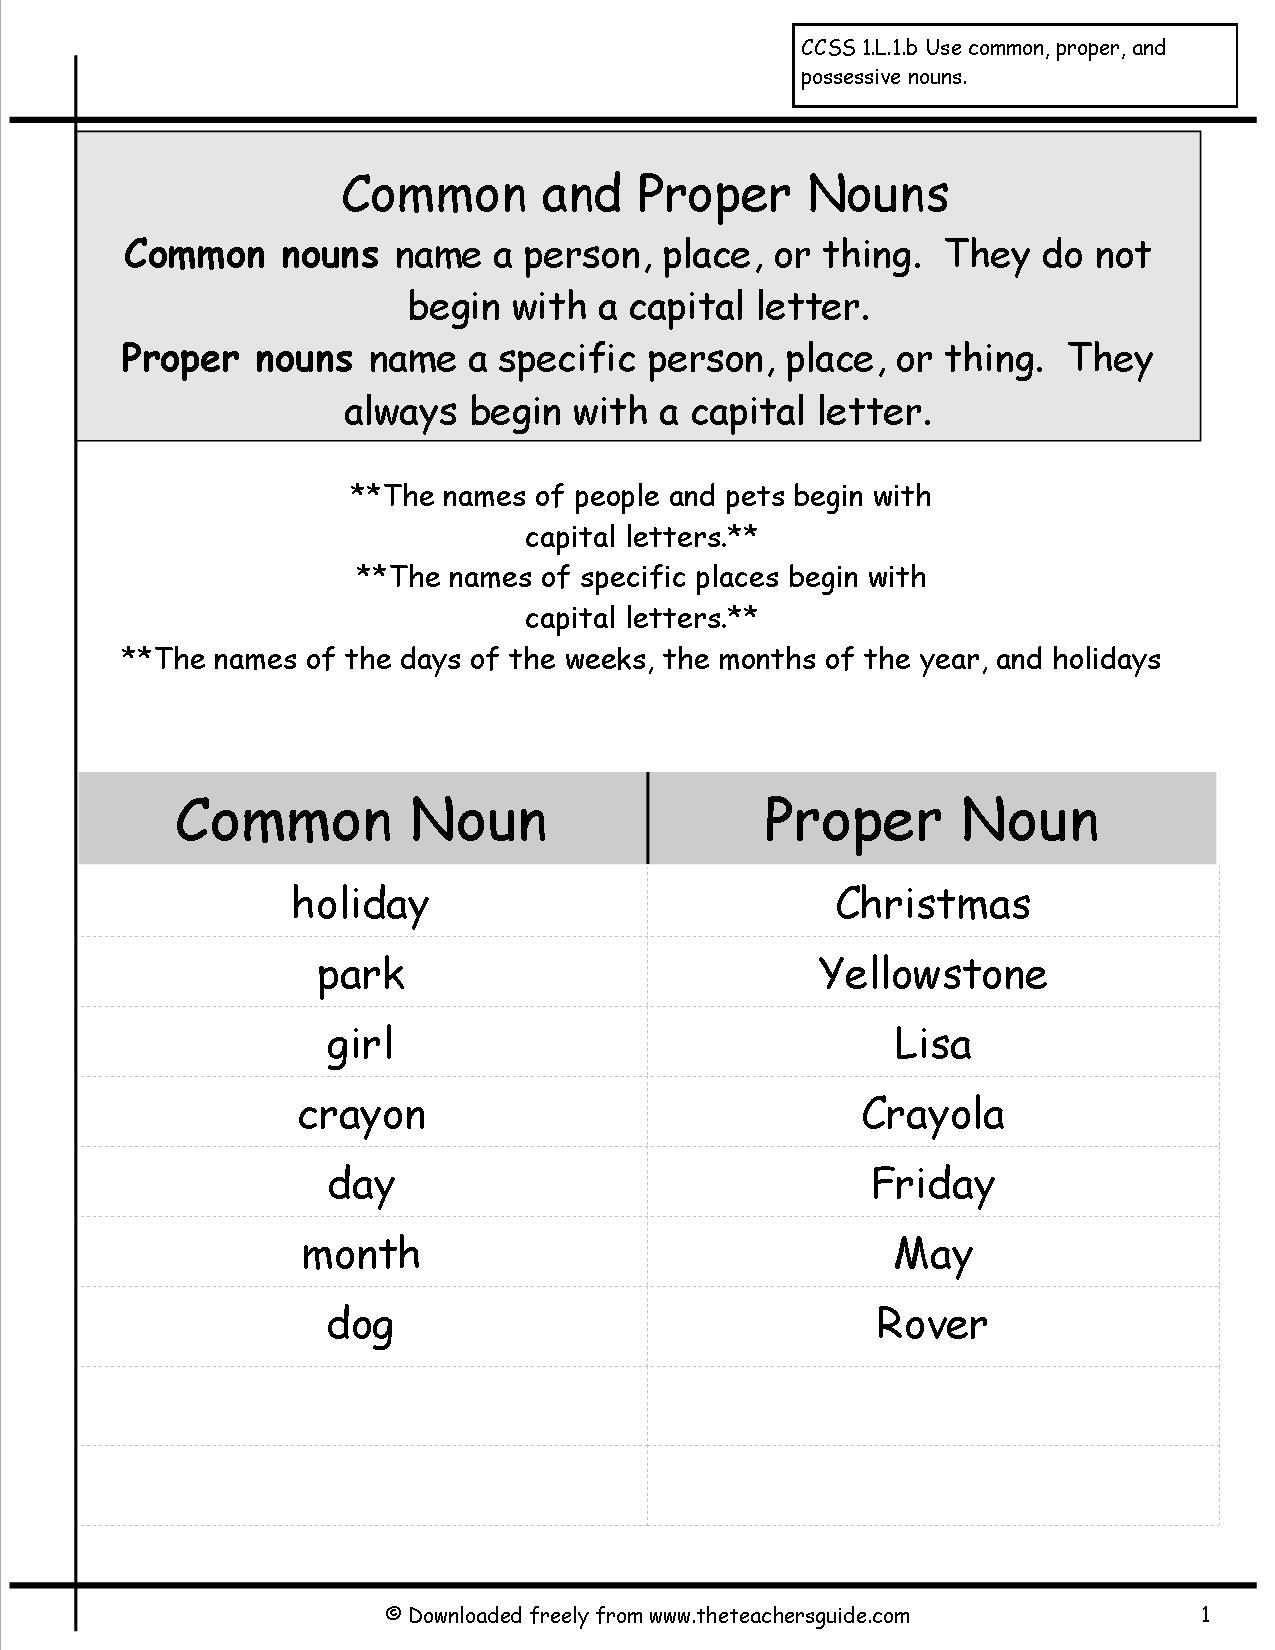 19 Best Images Of Nouns Worksheet Grade 5